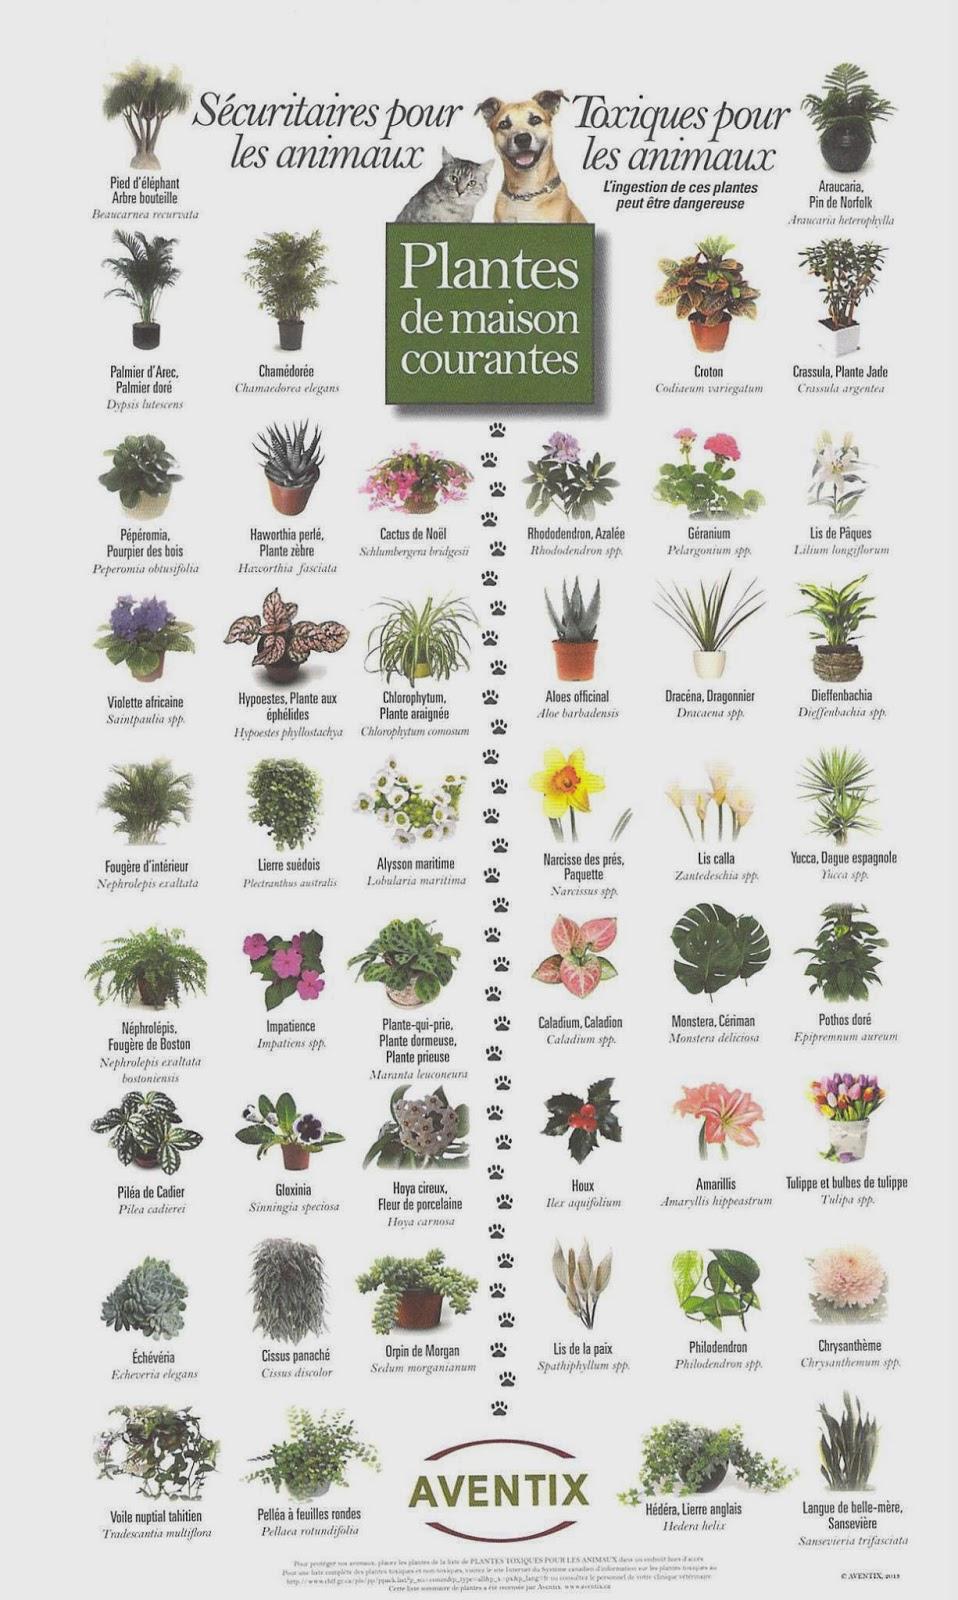 chien-mange-plantes-toxiques